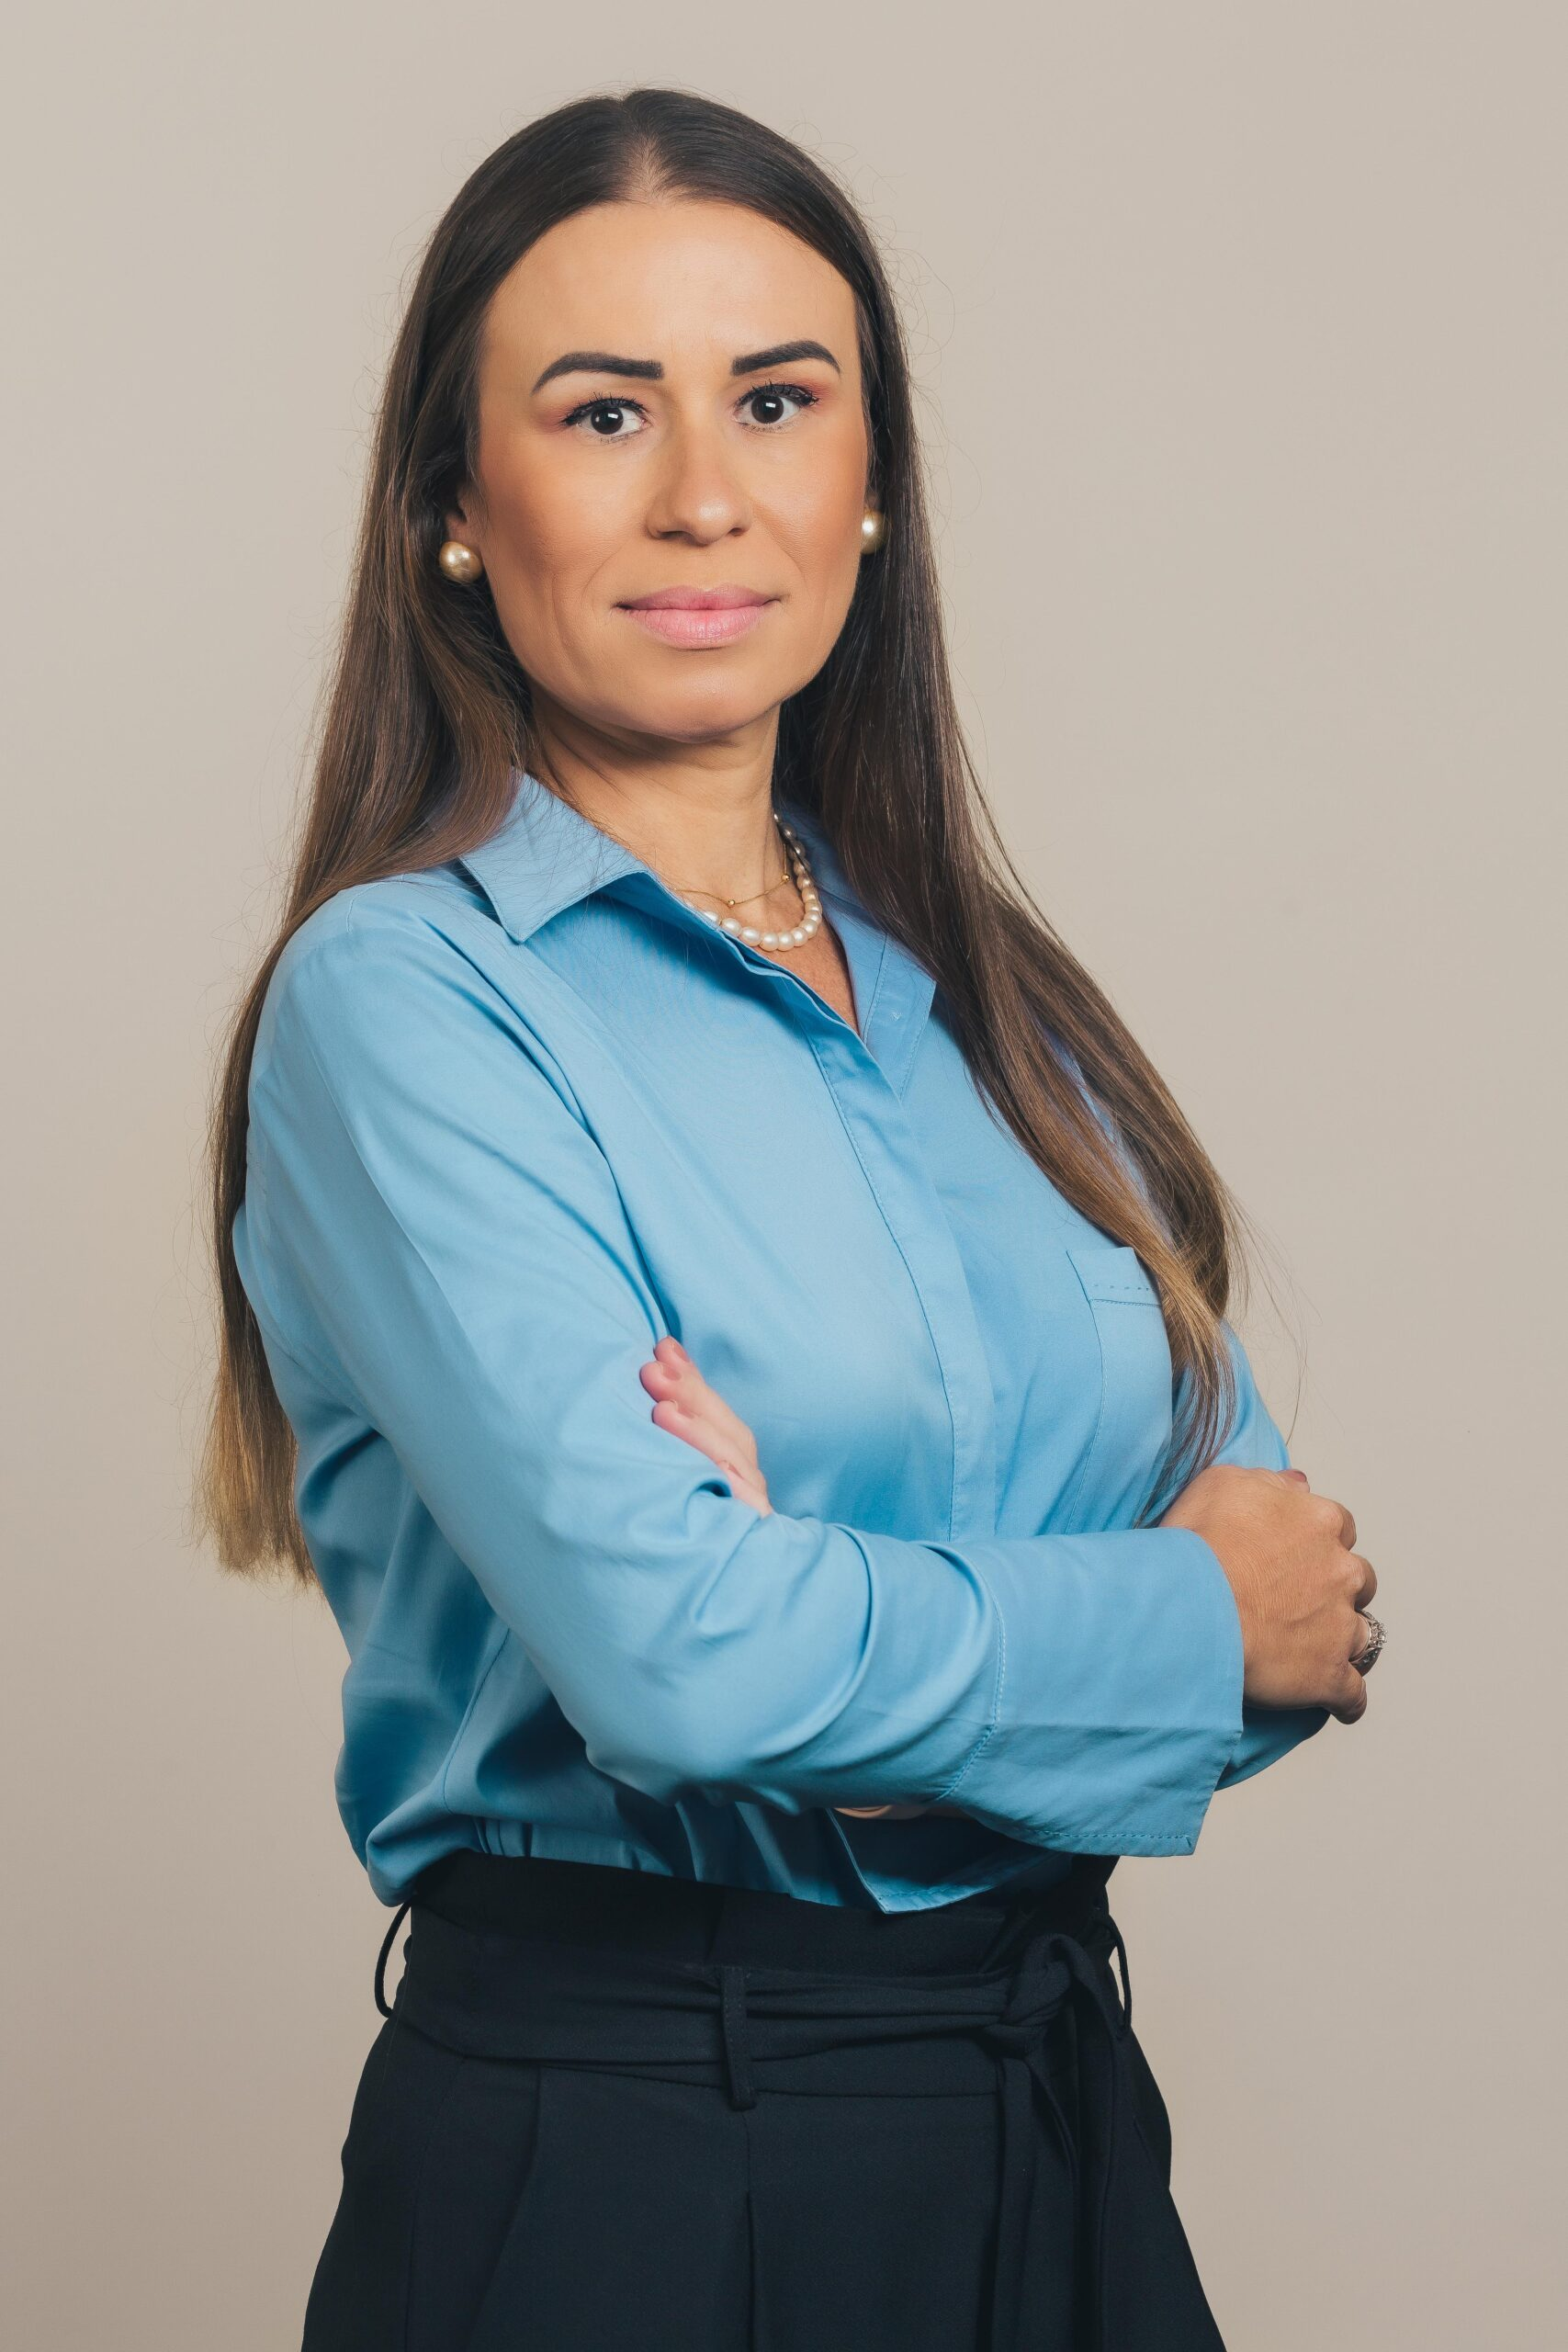 Erika Marchetto Alhadas